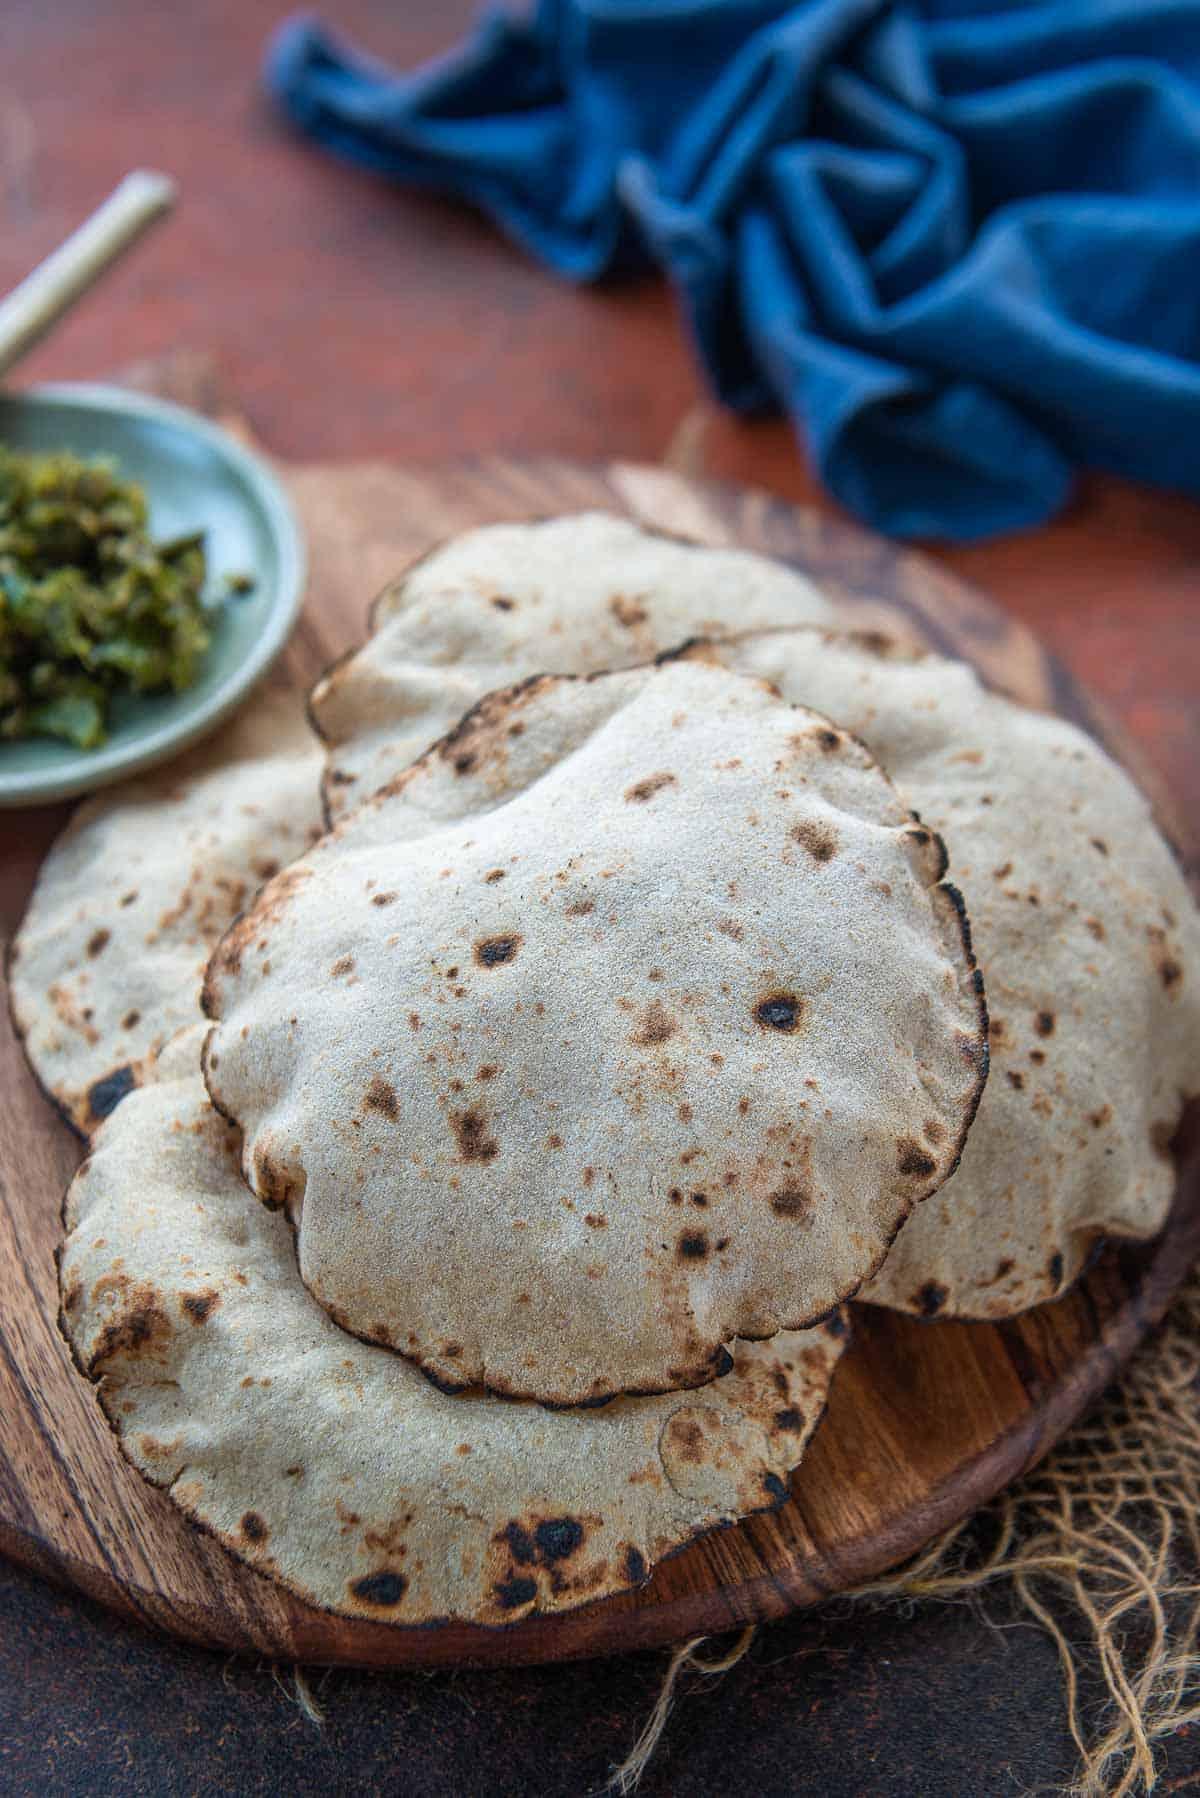 Jowar Bhakri served on a plate.